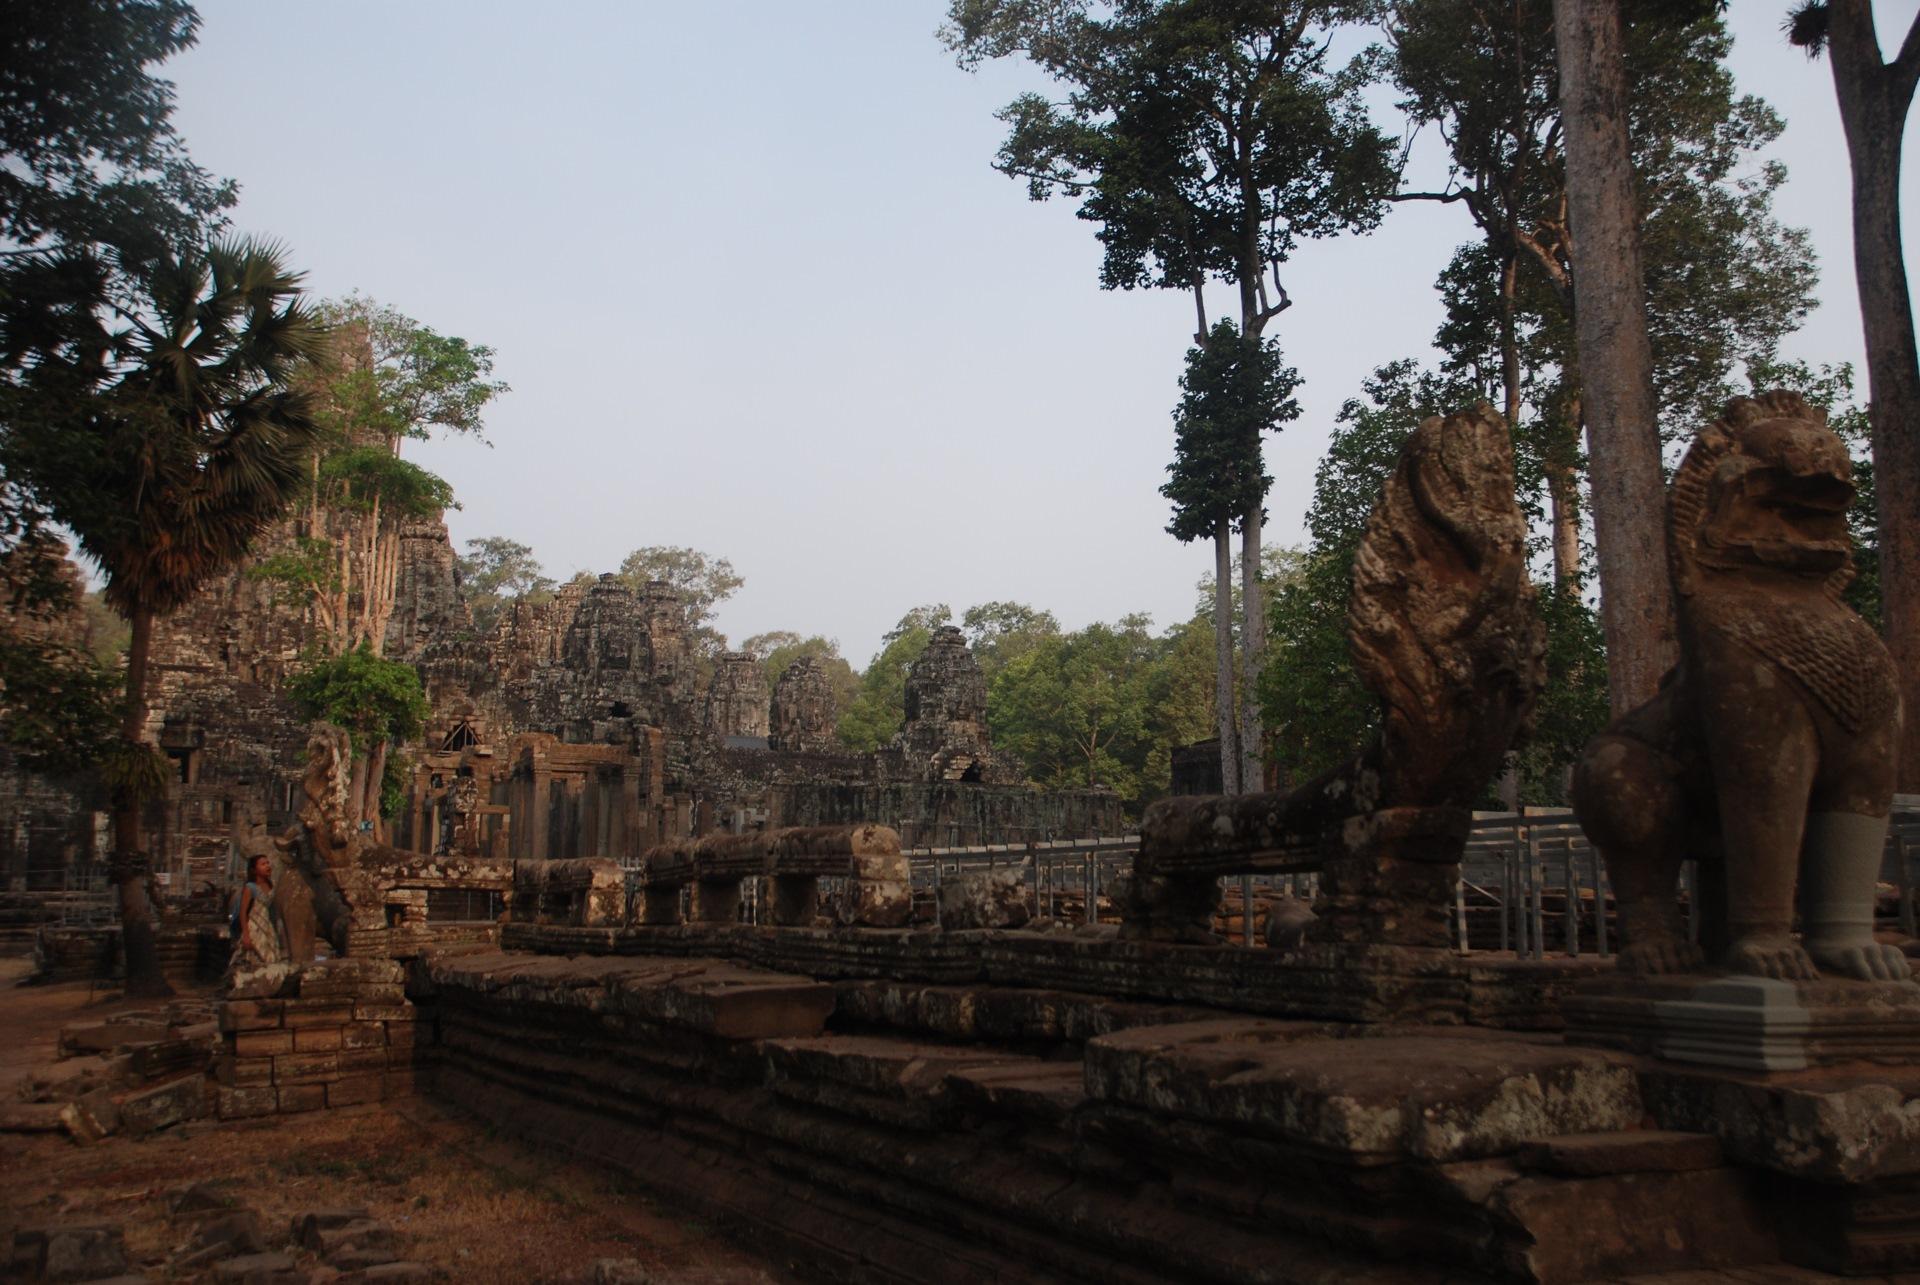 низа свитера блог фотографа путешественника о камбодже этом доступны все